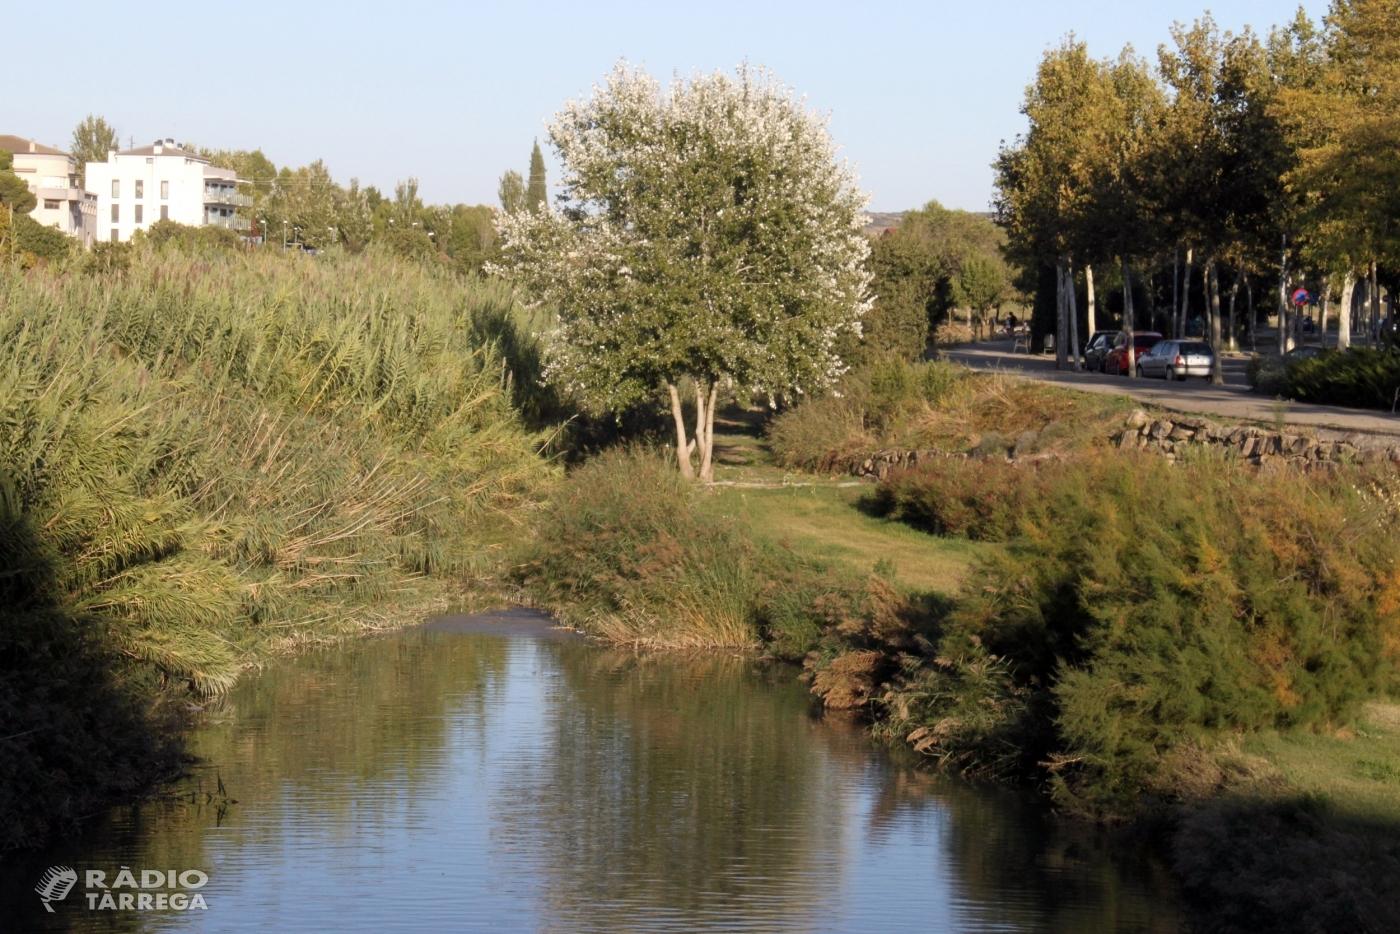 L'Ajuntament de Tàrrega aprova un nou projecte de recuperació dels espais verds situats a la llera del riu Ondara